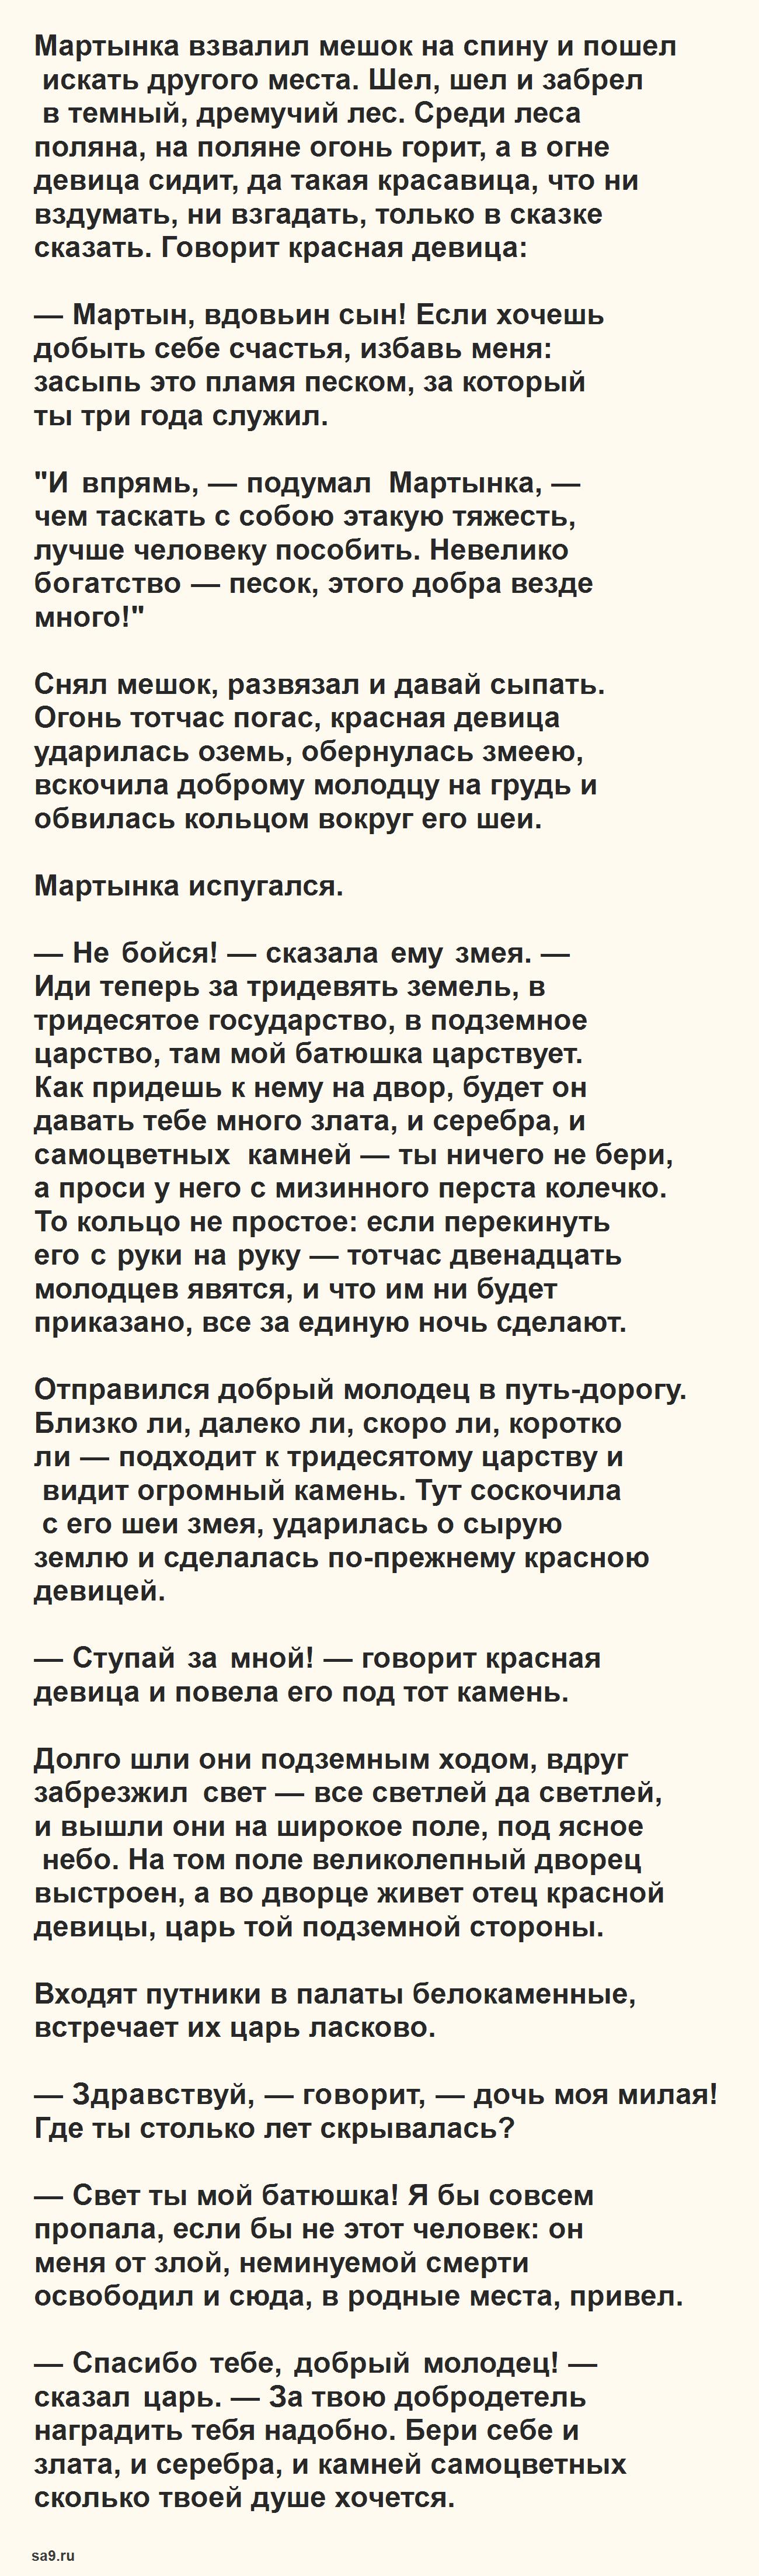 Русская народная сказка - Волшебное кольцо, читать онлайн бесплатно